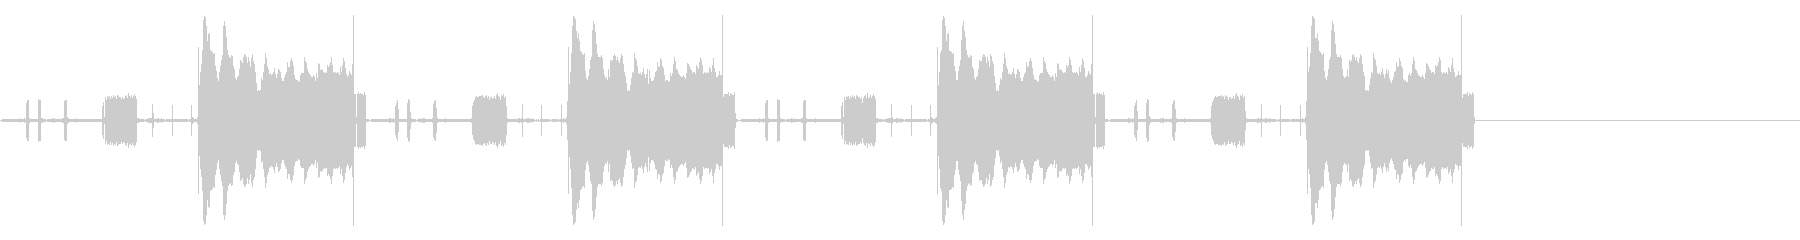 携帯電話、通話、信号; DIGIF...の未再生の波形